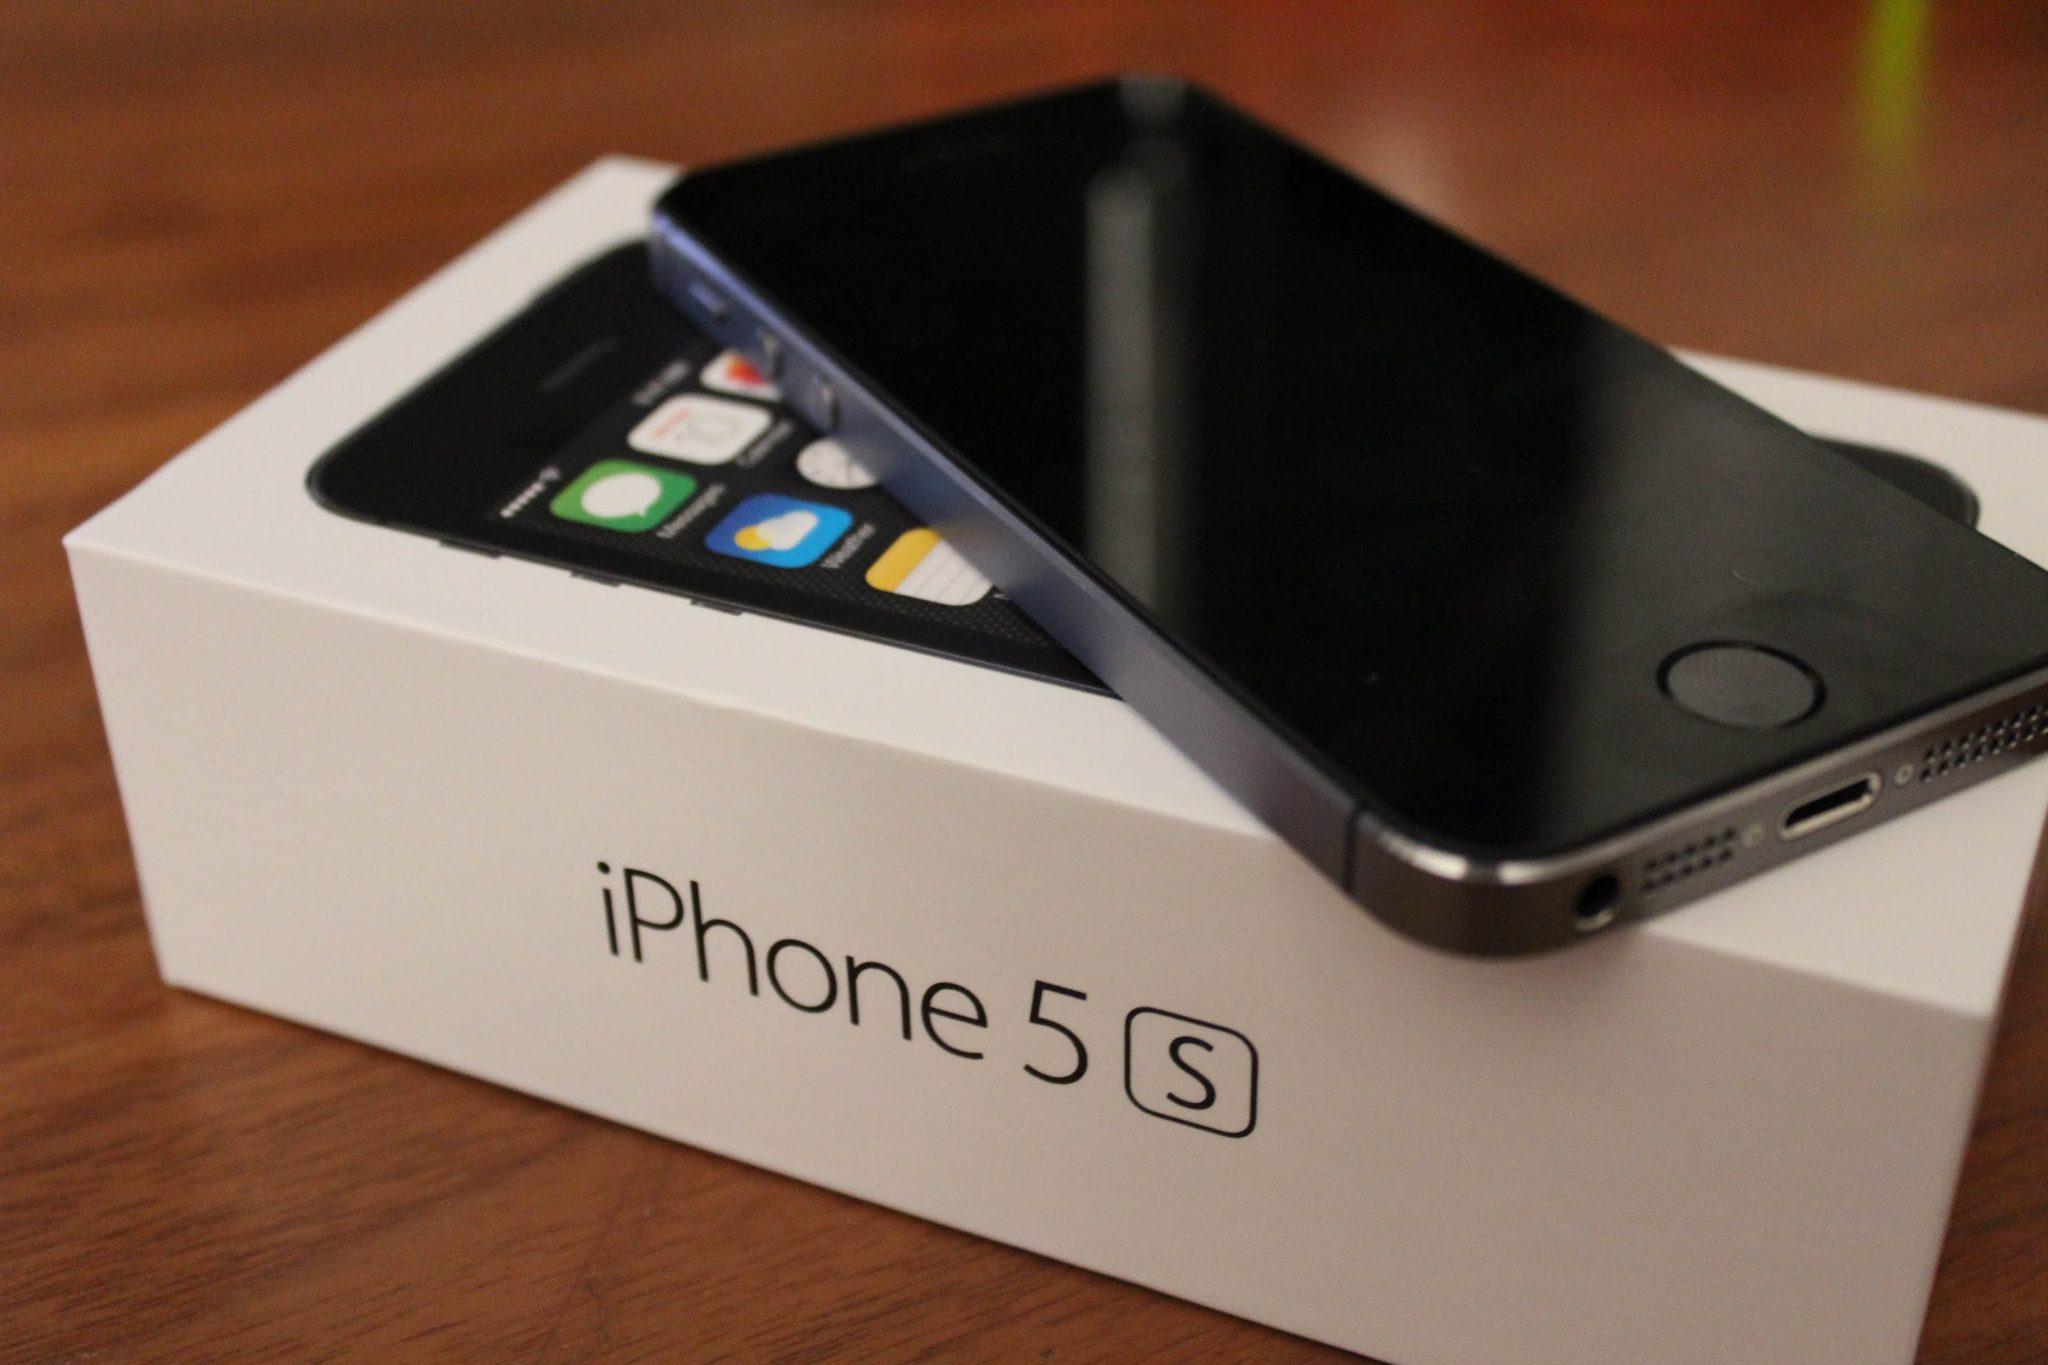 Appel iPhone 5S: как разобрать, из чего он состоит и как открыть крышку Айфона